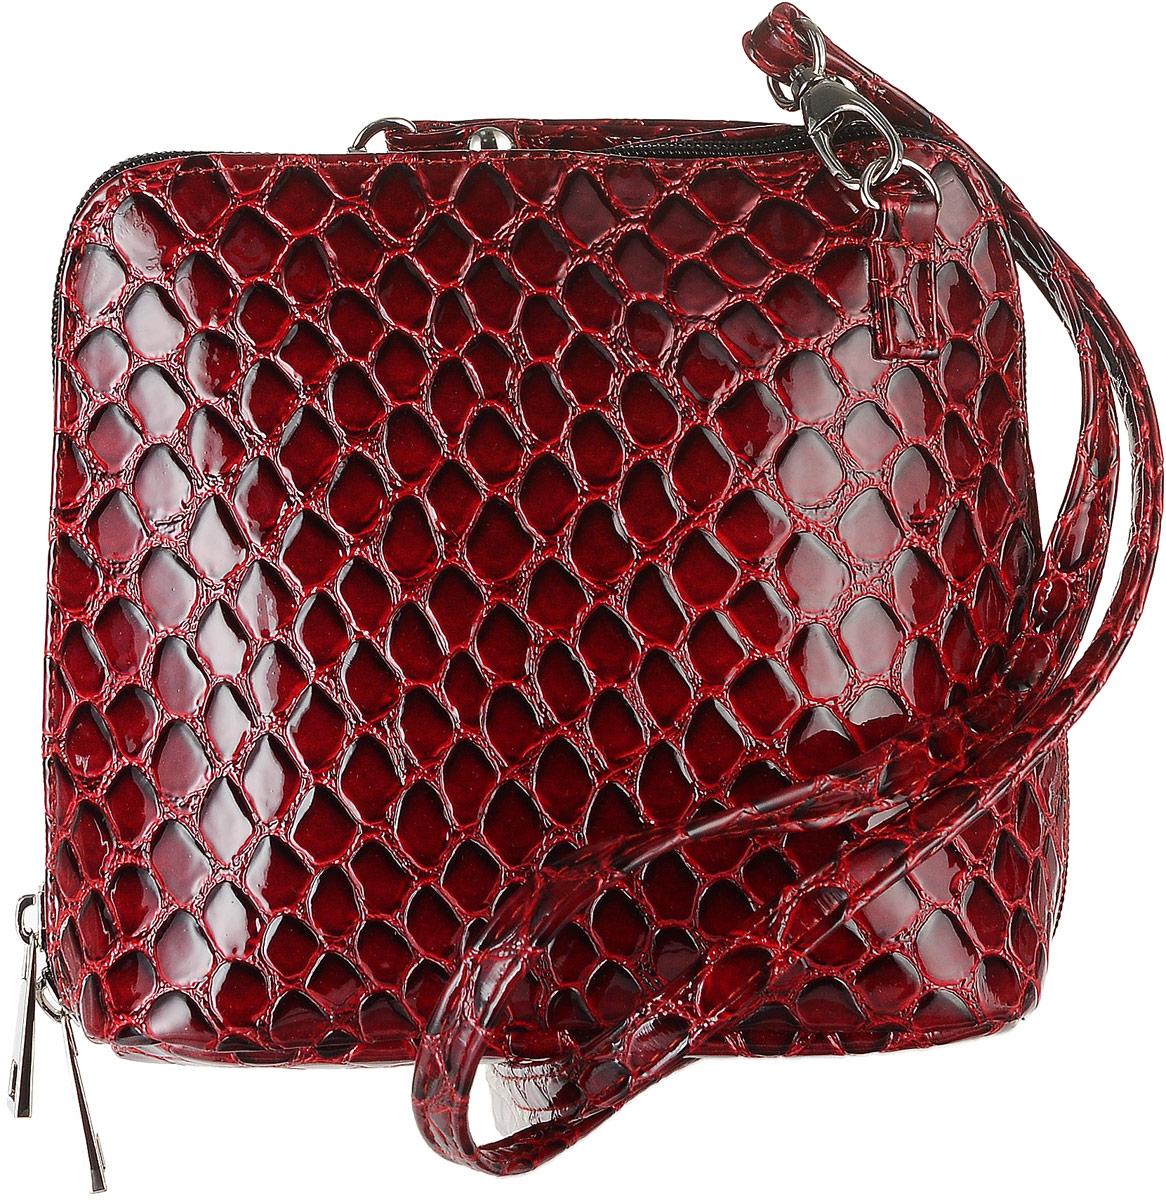 Сумка женская Аntan Крокодил, цвет: красный. 769769Компактная сумка Крокодил фирмы Аntan выполнена из искусственной кожи с фактурным тиснением. Сумка закрывается на застежку-молнию с двумя бегунками. Модель имеет одно отделение, разделенное пополам карманом-средником на застежке-молнии. Внутри расположен накладной карман для мелочей. Снаружи, с тыльной стороны сумки имеется вшитый карман на застежке-молнии. Изделие оснащено удобным наплечным ремнем, который крепится к сумке с помощью металлических карабинов. Сумка Аntan станет ярким и оригинальным подарком для представительниц прекрасного пола, ценящих стиль и качество.